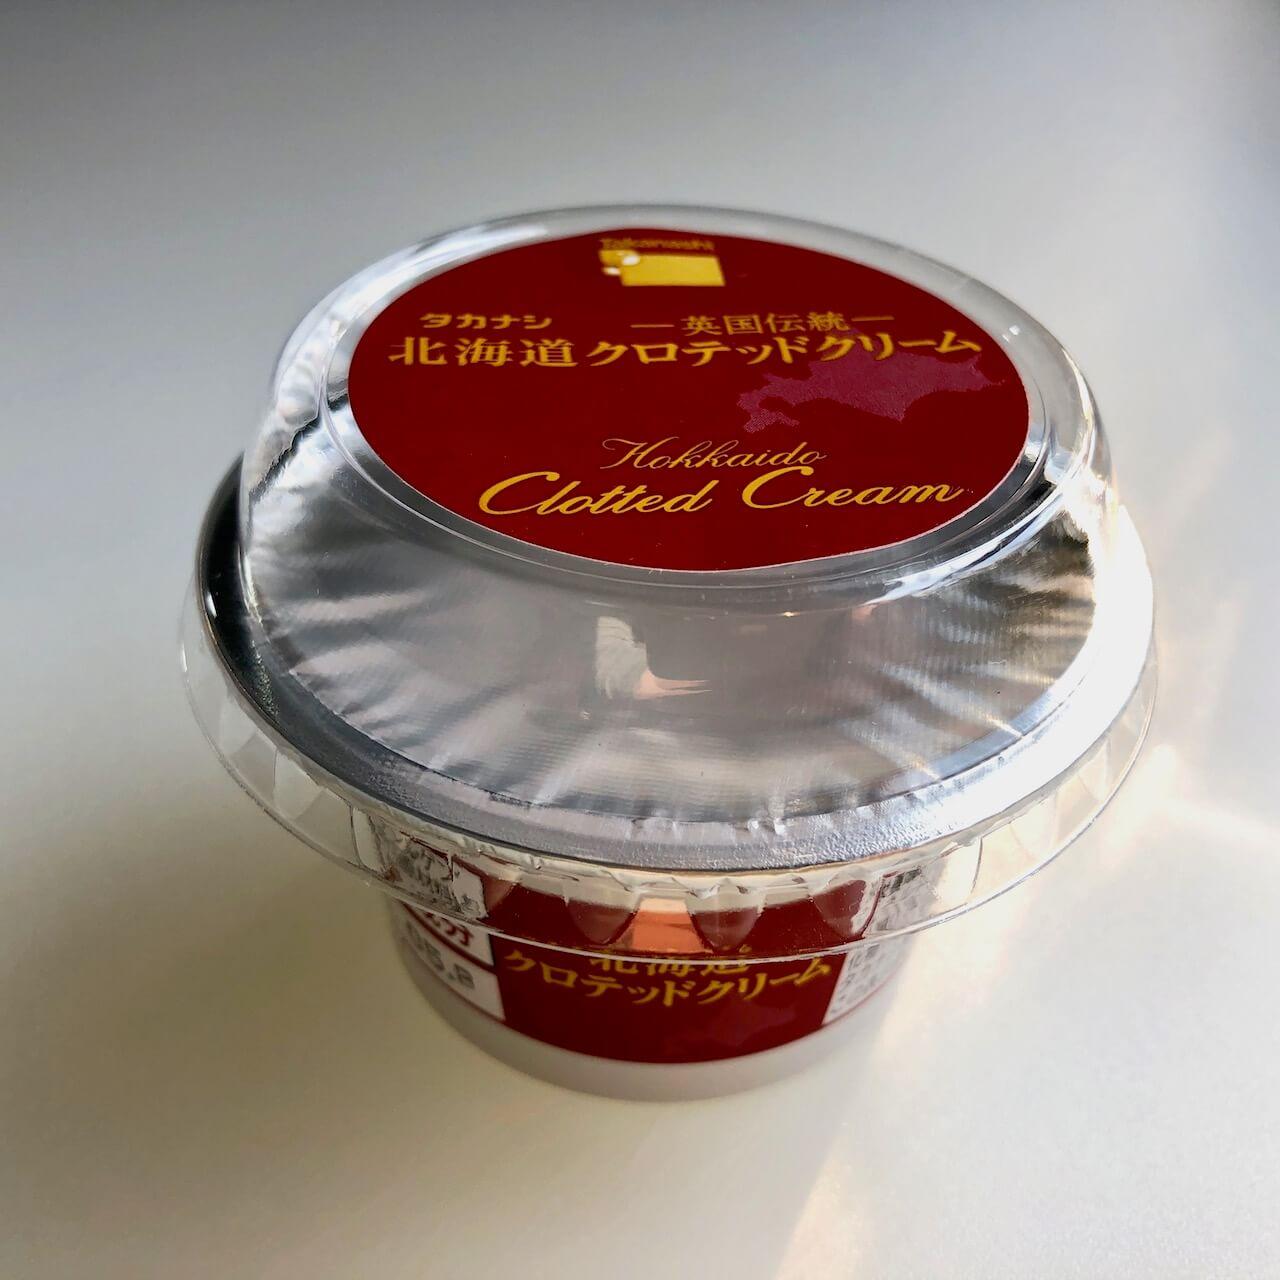 タカナシ クロテッドクリーム7